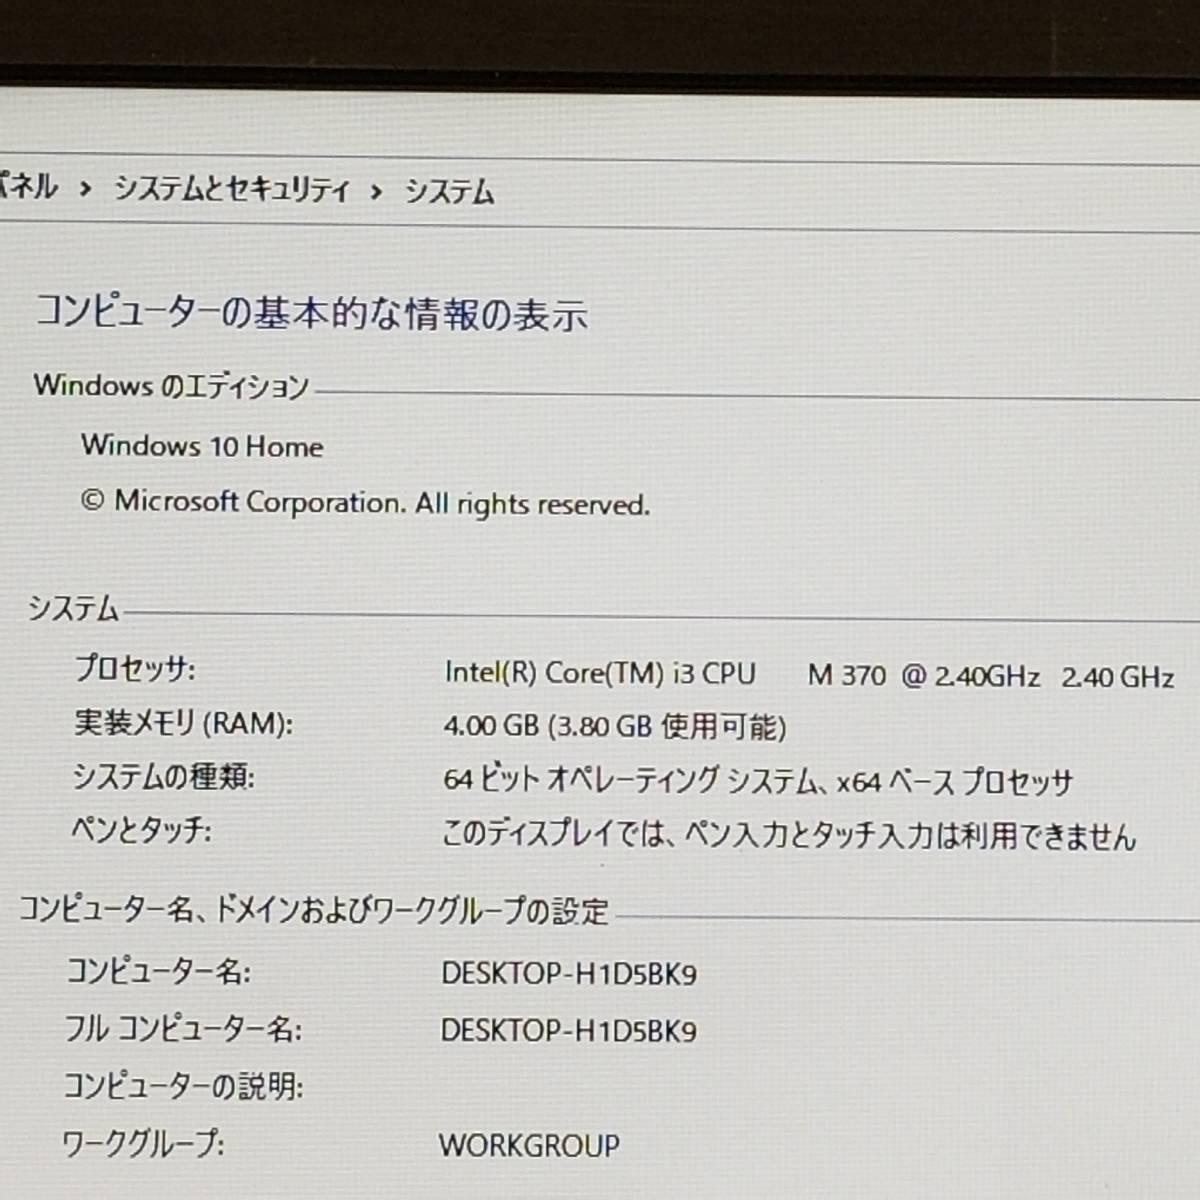 ★美品★高性能i3搭載/HDD640GB/メモリ4GB/無線 Wi-Fi/Webカメラ/最新Office搭載/Win10/LIFEBOOK AH AH530/3B(C7872)_★高性能i3・Windows10 Home 搭載★